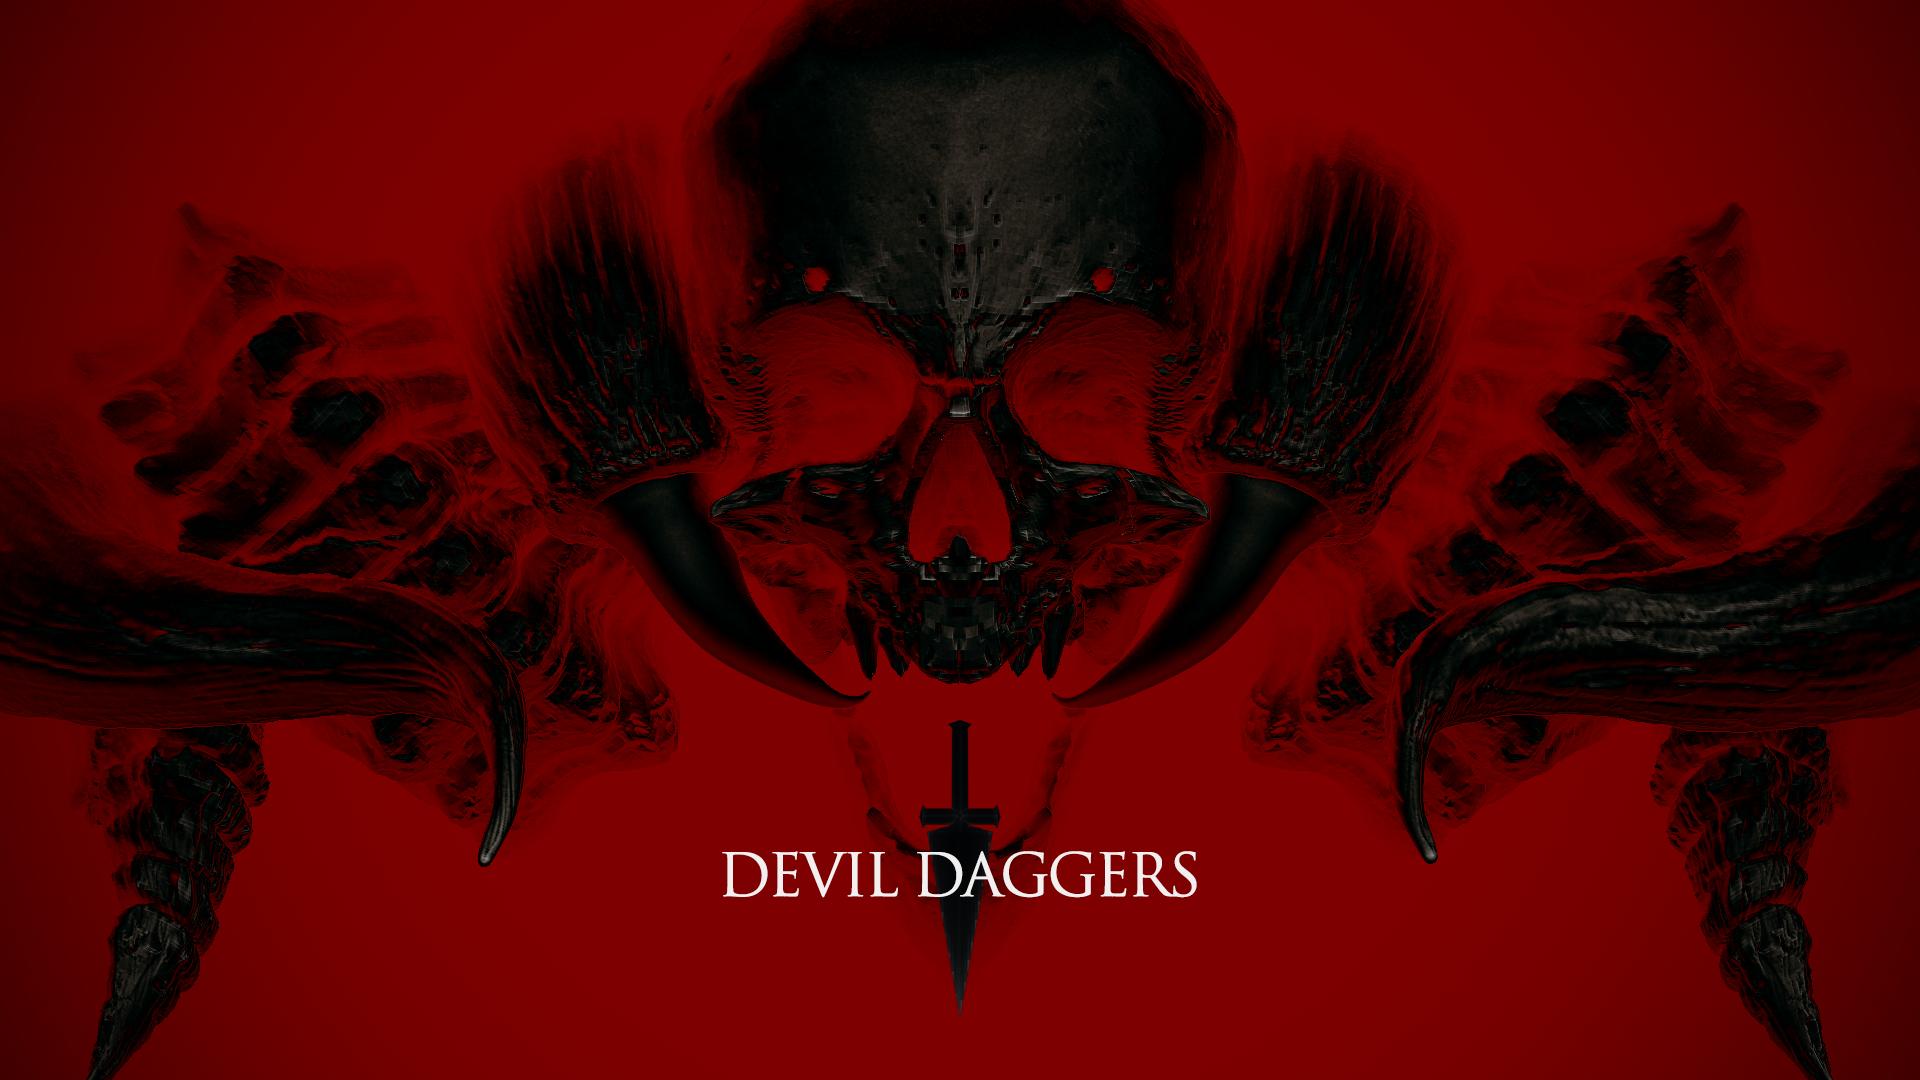 646197_145595490193_DevilDaggersWallLandscape.png